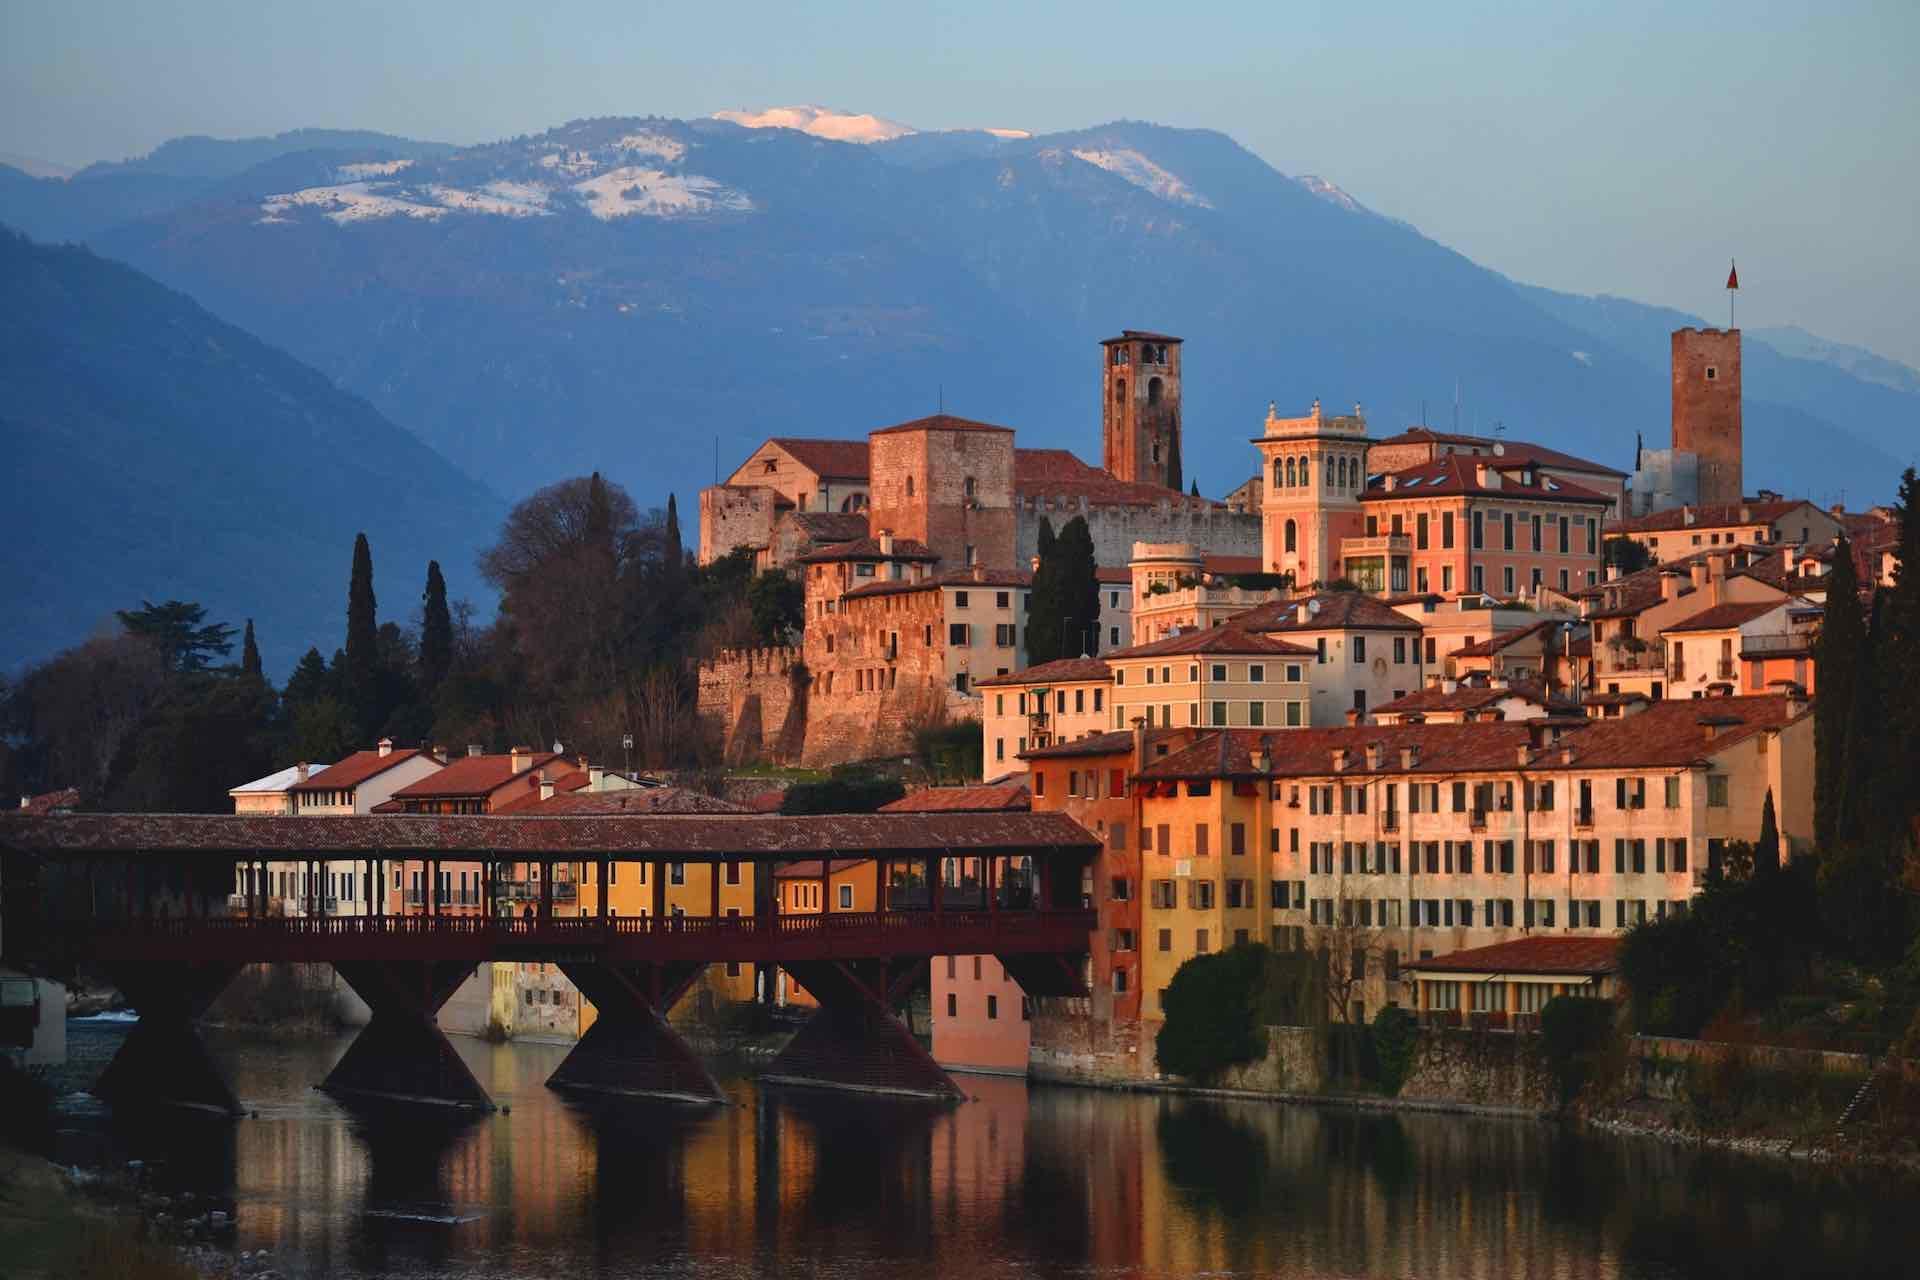 turismo enogastronomico in Veneto alla scoperta della grappa veneta